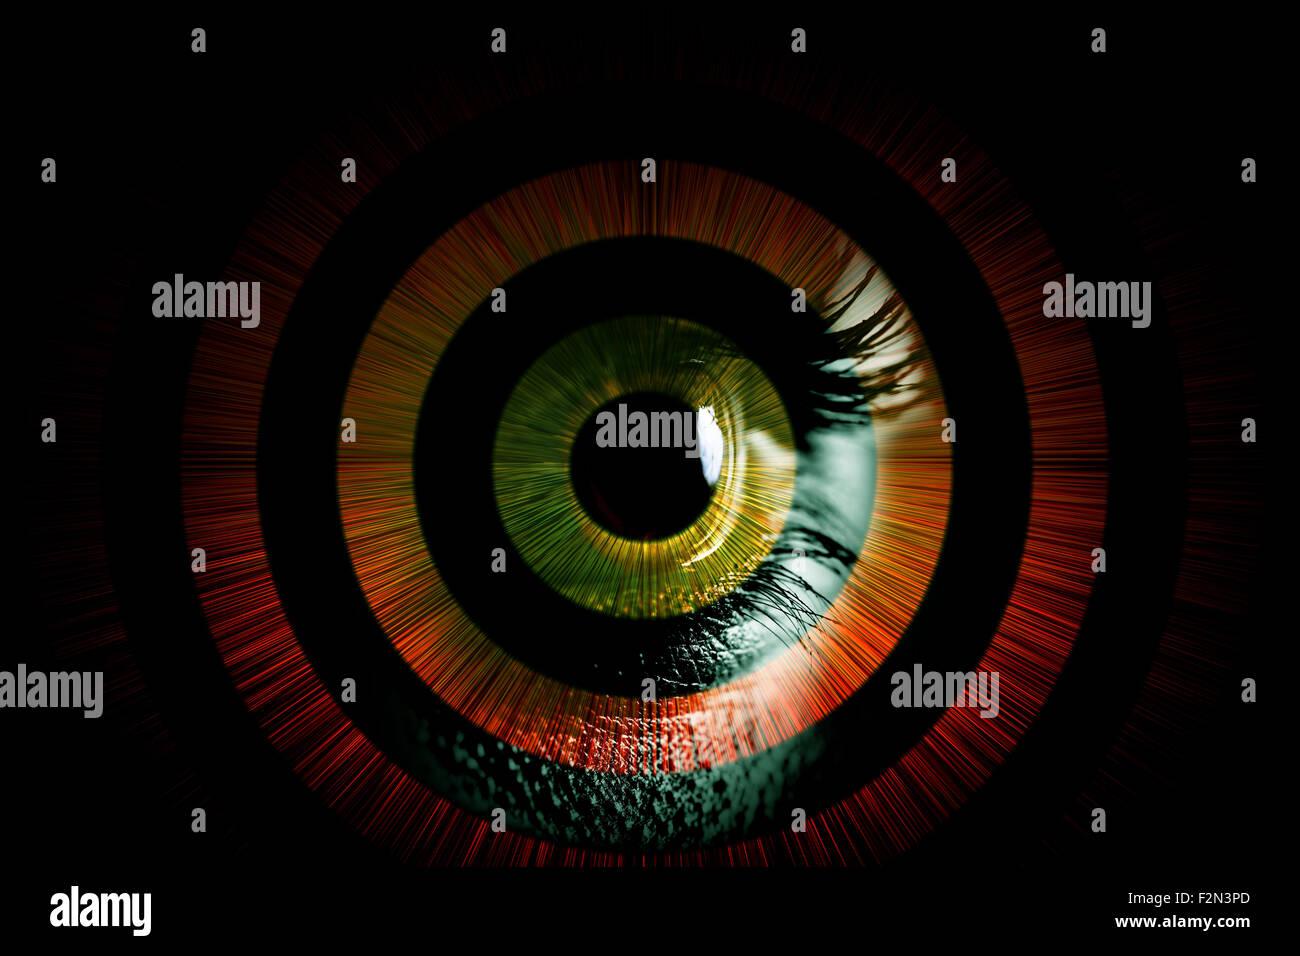 Occhio umano - abstract vision concept Immagini Stock